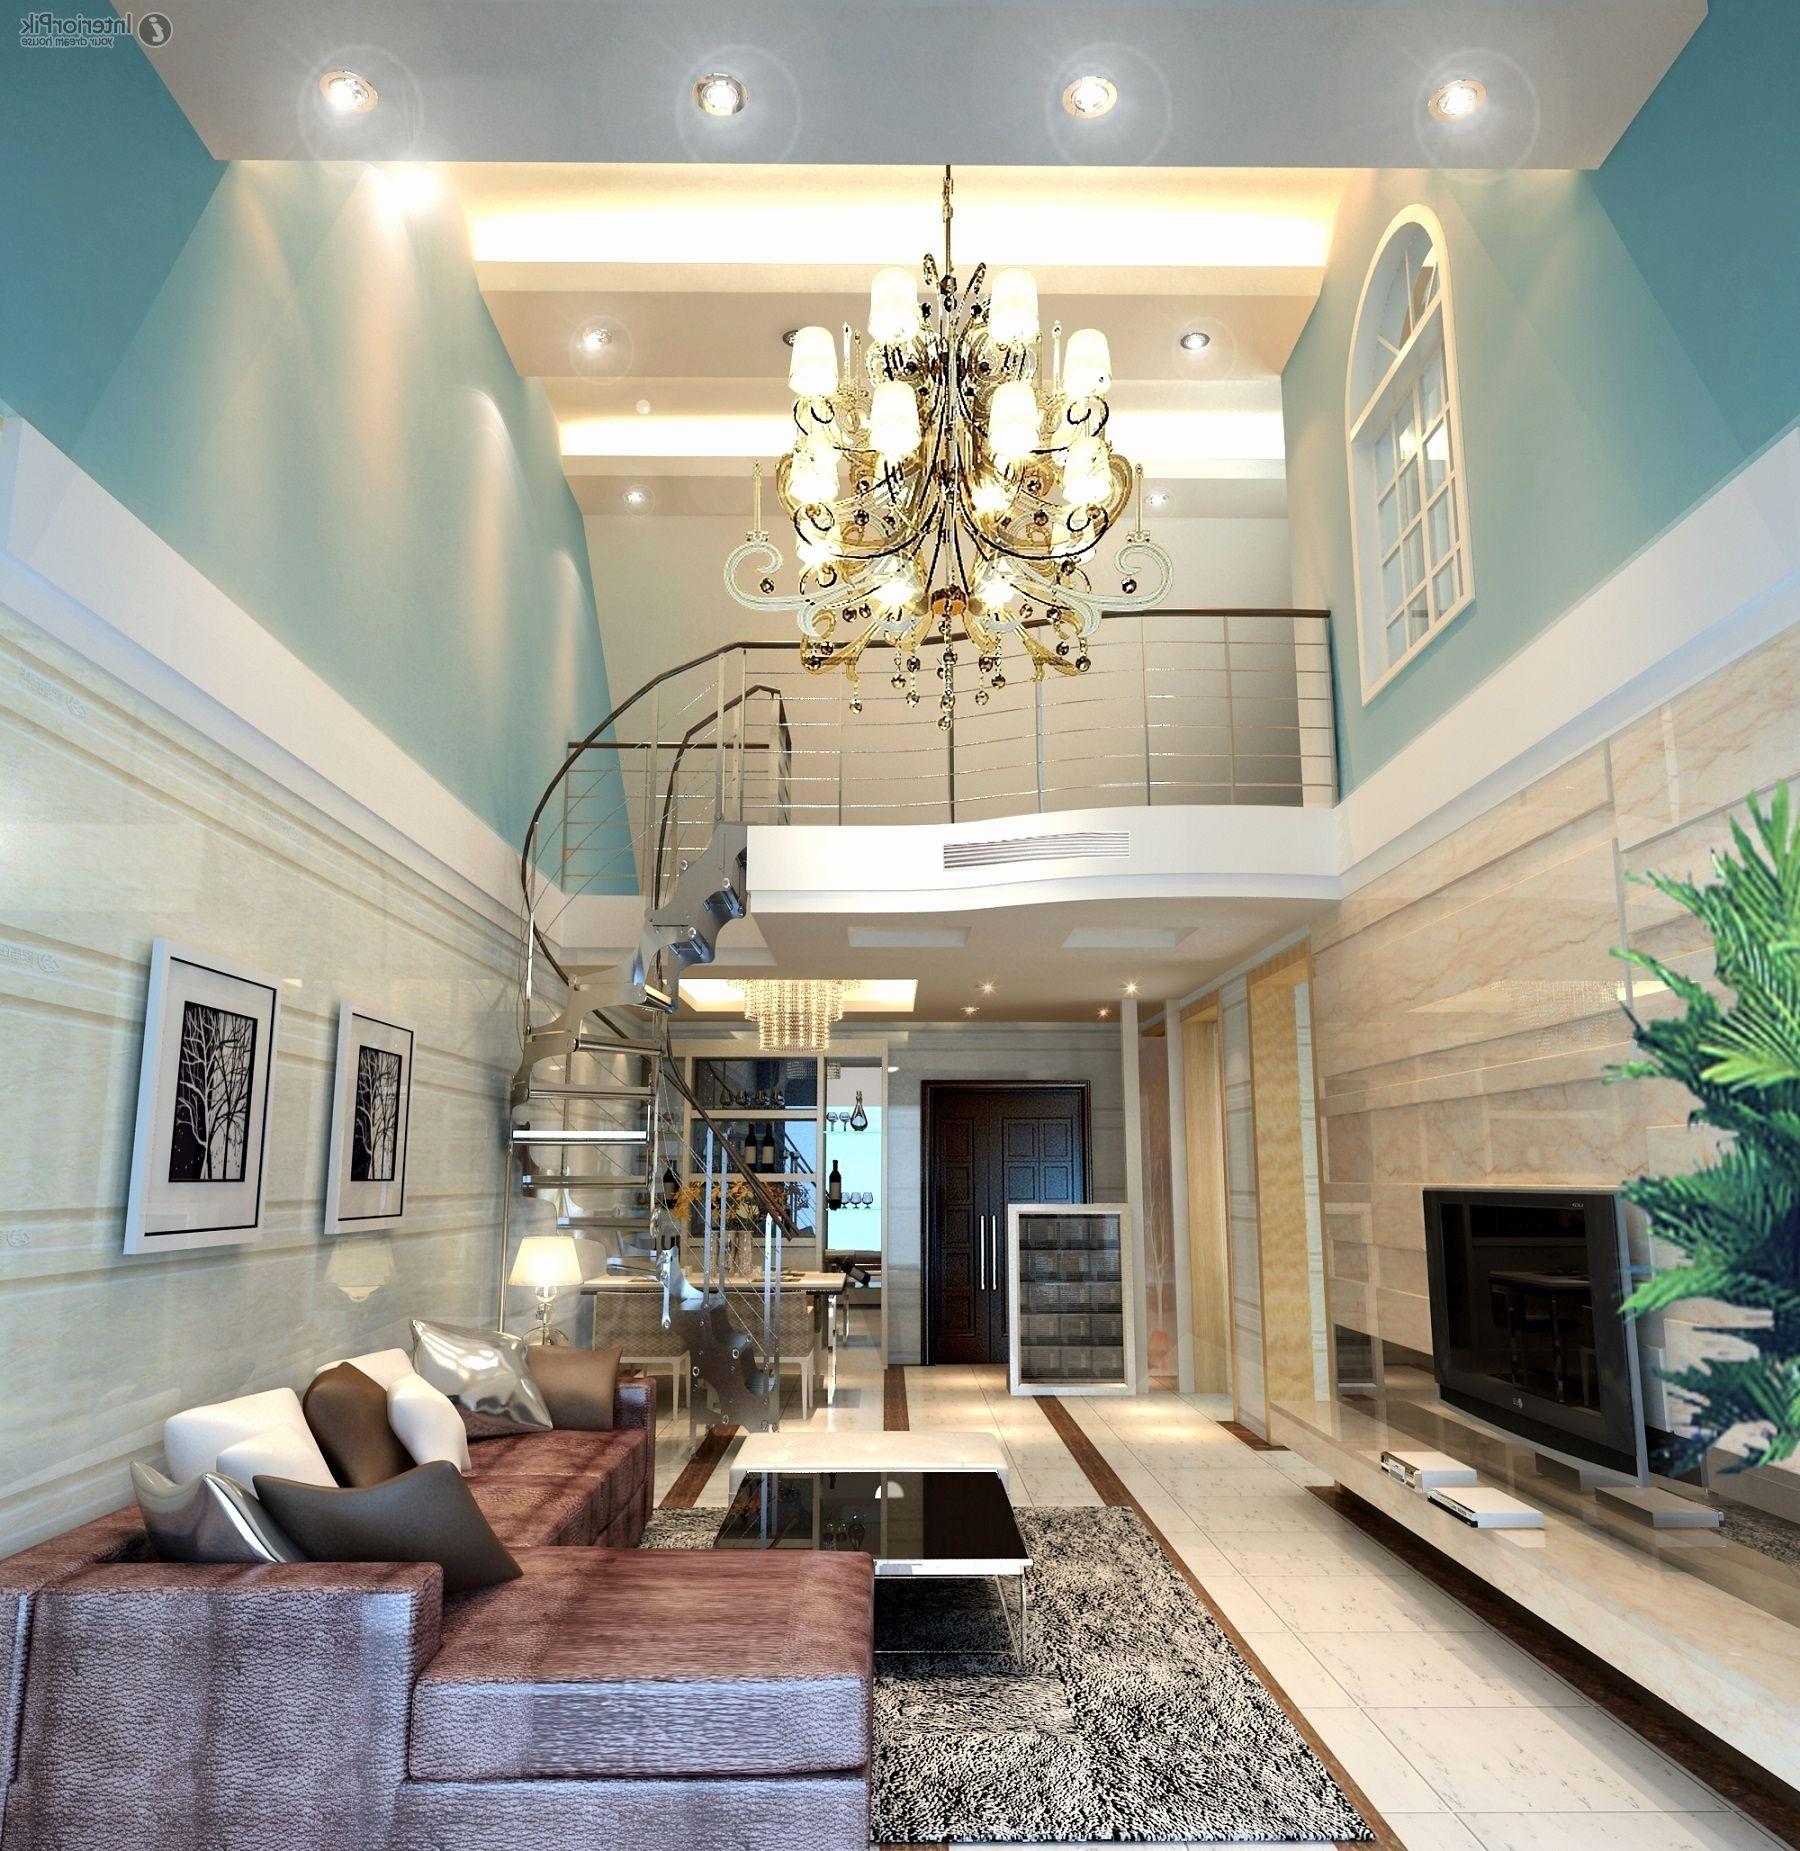 Genial, Beleuchtung Für Wohnzimmer, Hohe Decken, Ideen, Indien